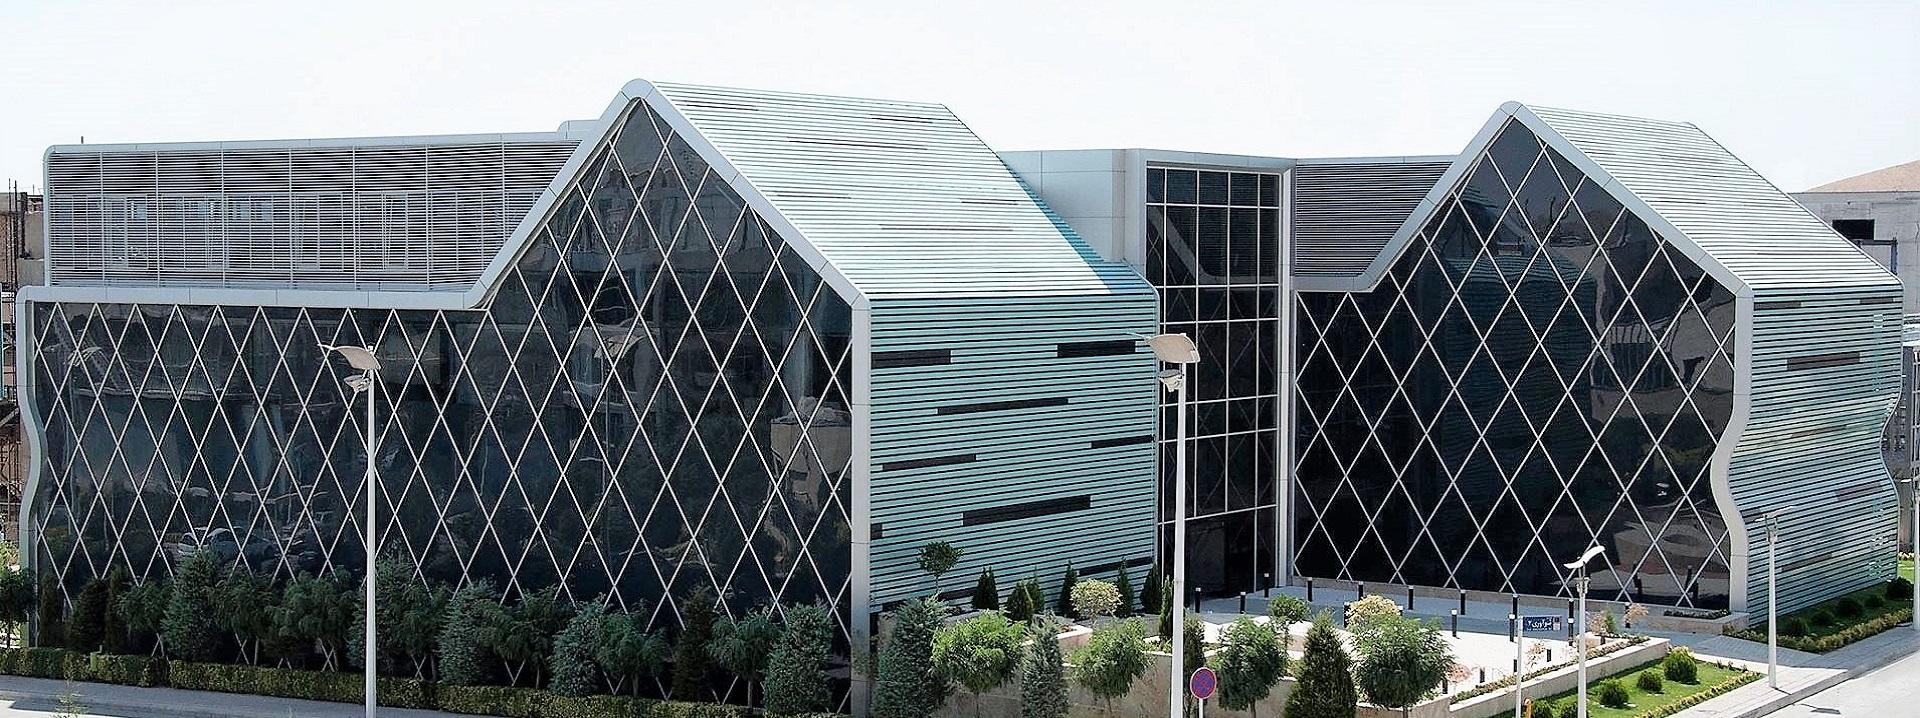 ساختمان پروتئین نوترکیب سبحان